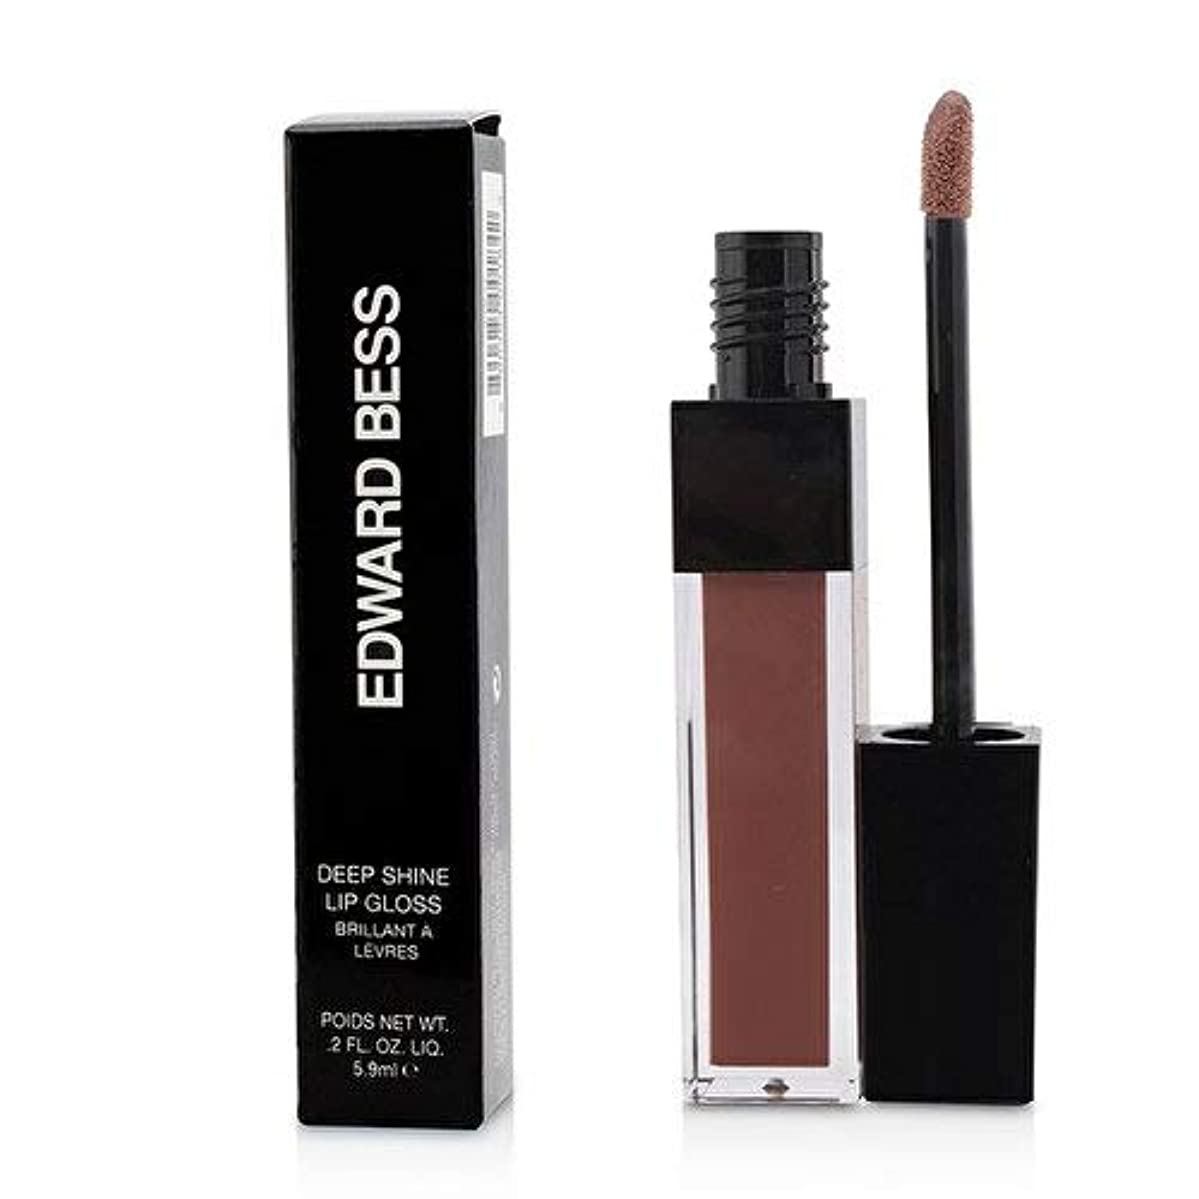 不実とげアルバムエドワードべス Deep Shine Lip Gloss - # 21 Nude Satin 5.9ml/0.2oz並行輸入品